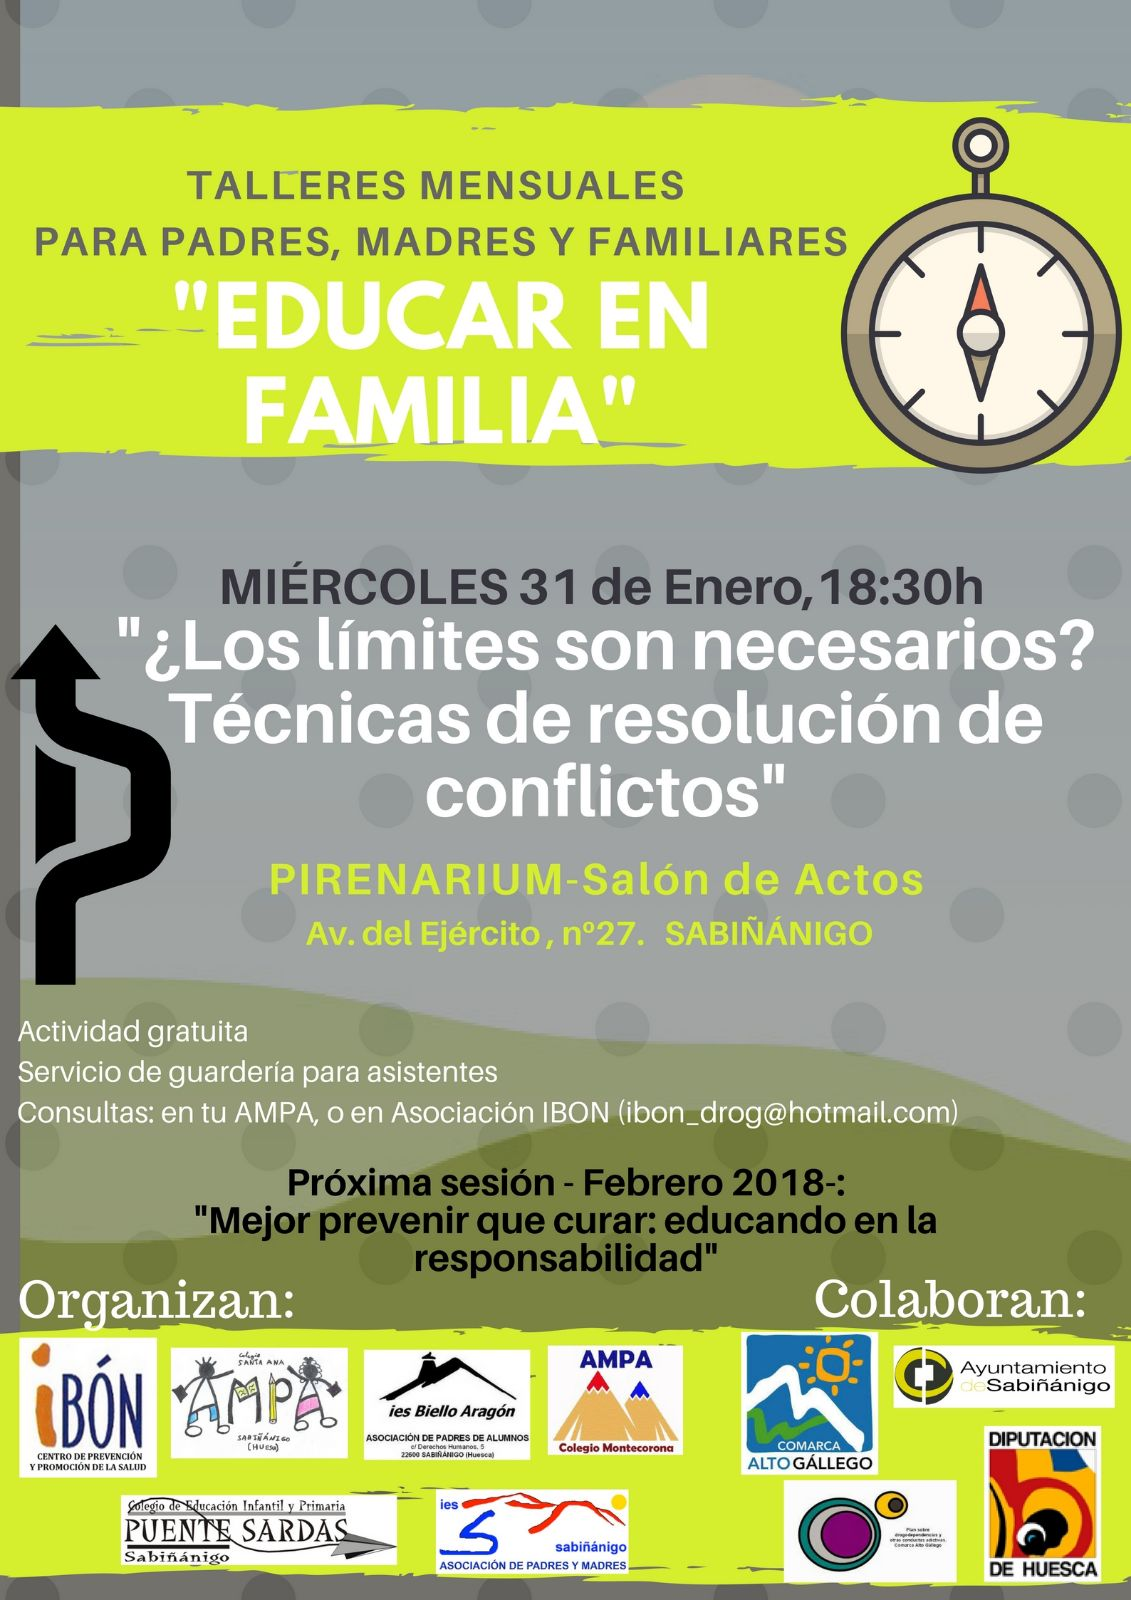 Educar en Familia. Talleres mensuales para padres, madres y familiares. 2017/2018.